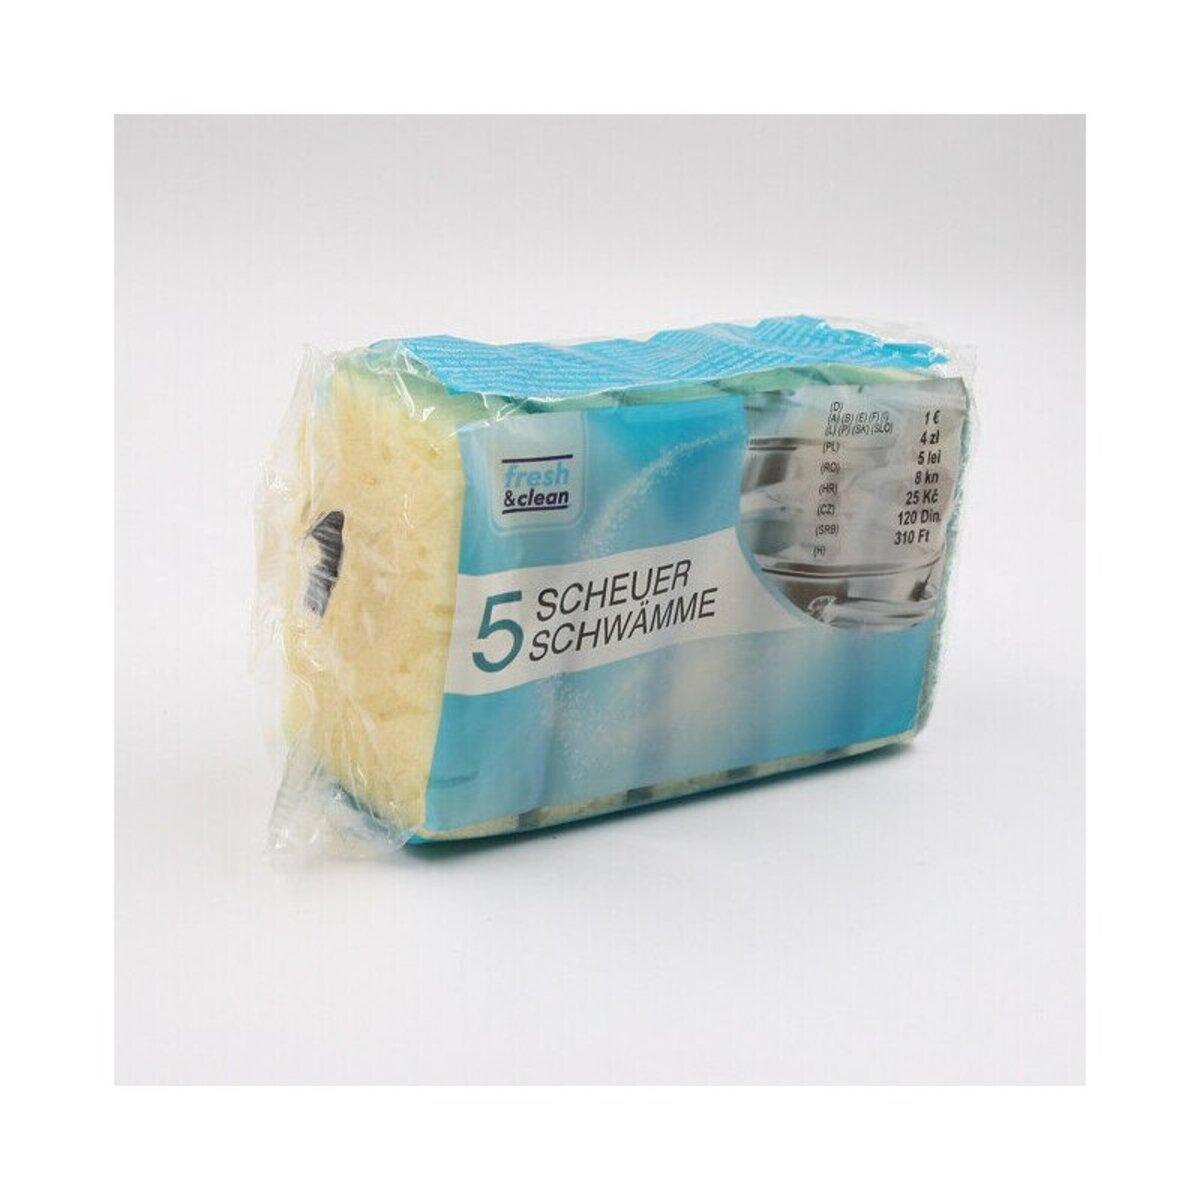 Bild 2 von 5er-Pack Scheuerschwämme/Topfschwämme, ca. 10 x 6,5 cm, gelb